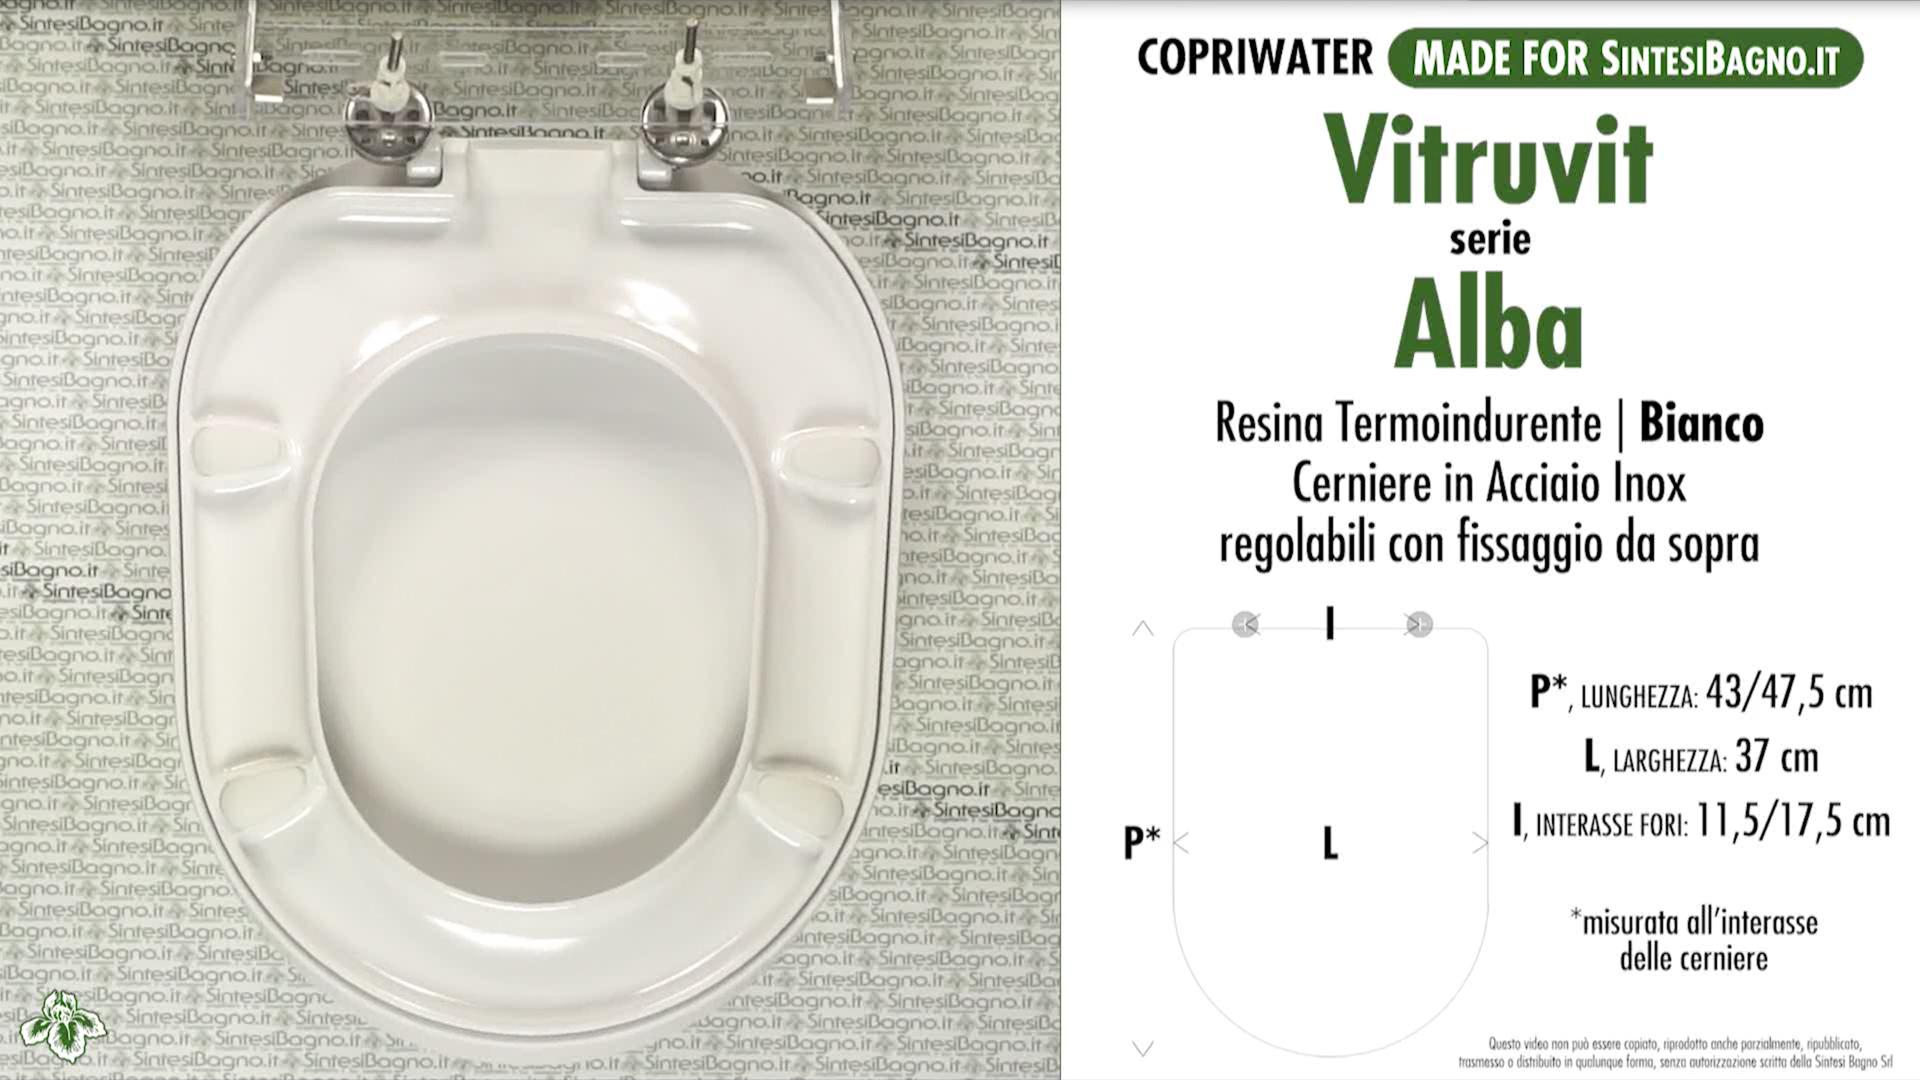 SCHEDA TECNICA MISURE copriwater VITRUVIT ALBA